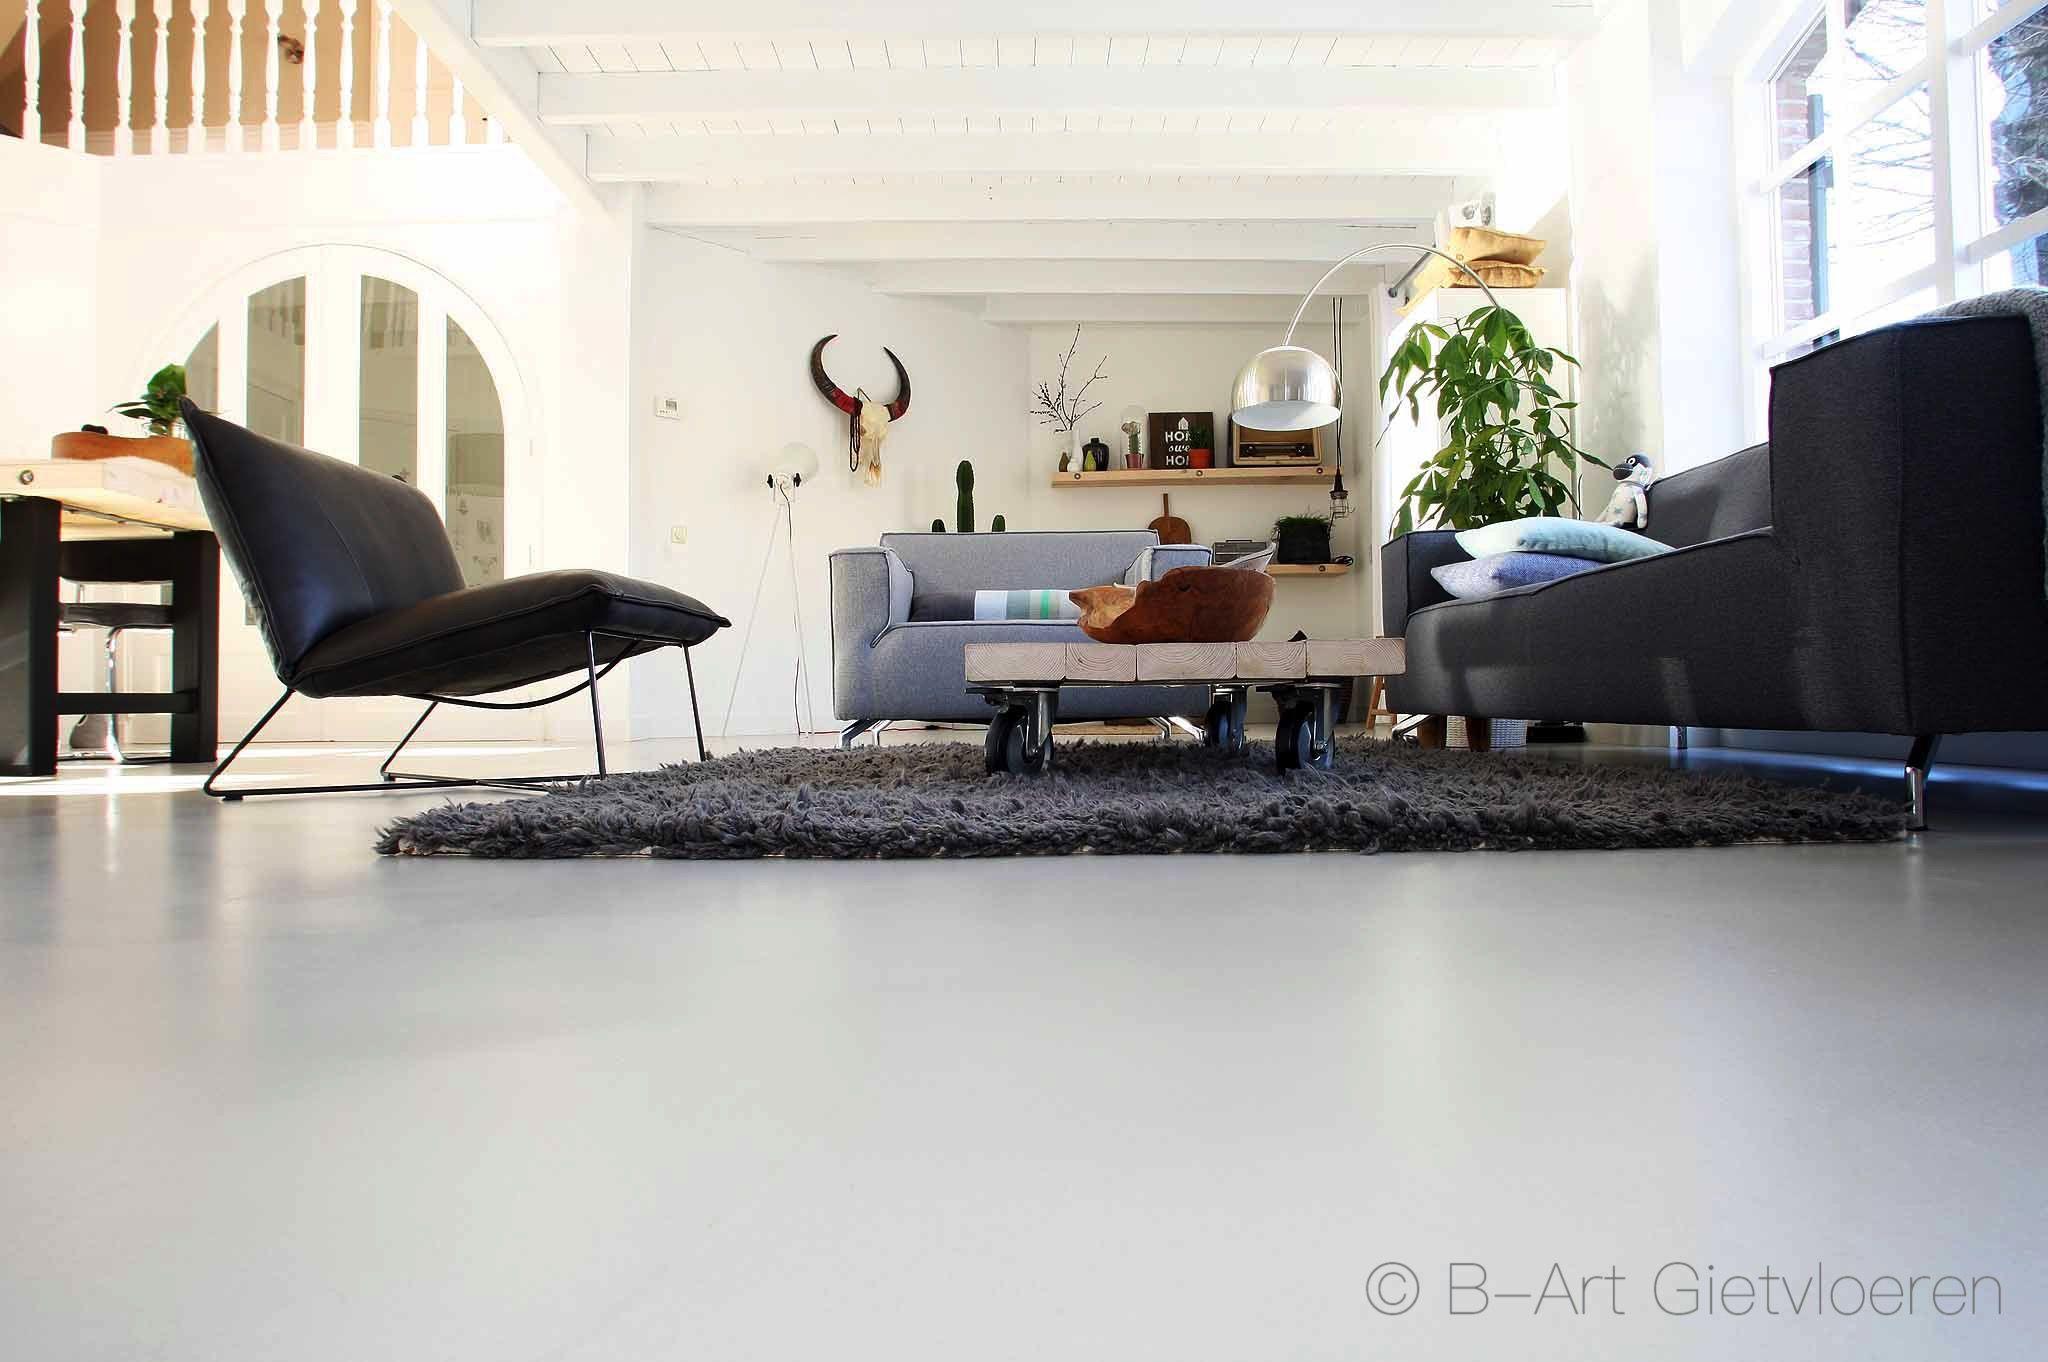 Gietvloer In Woonkamer : Concrete art gietvloer reek woonkamer .jpg 2048×1362 moodboard